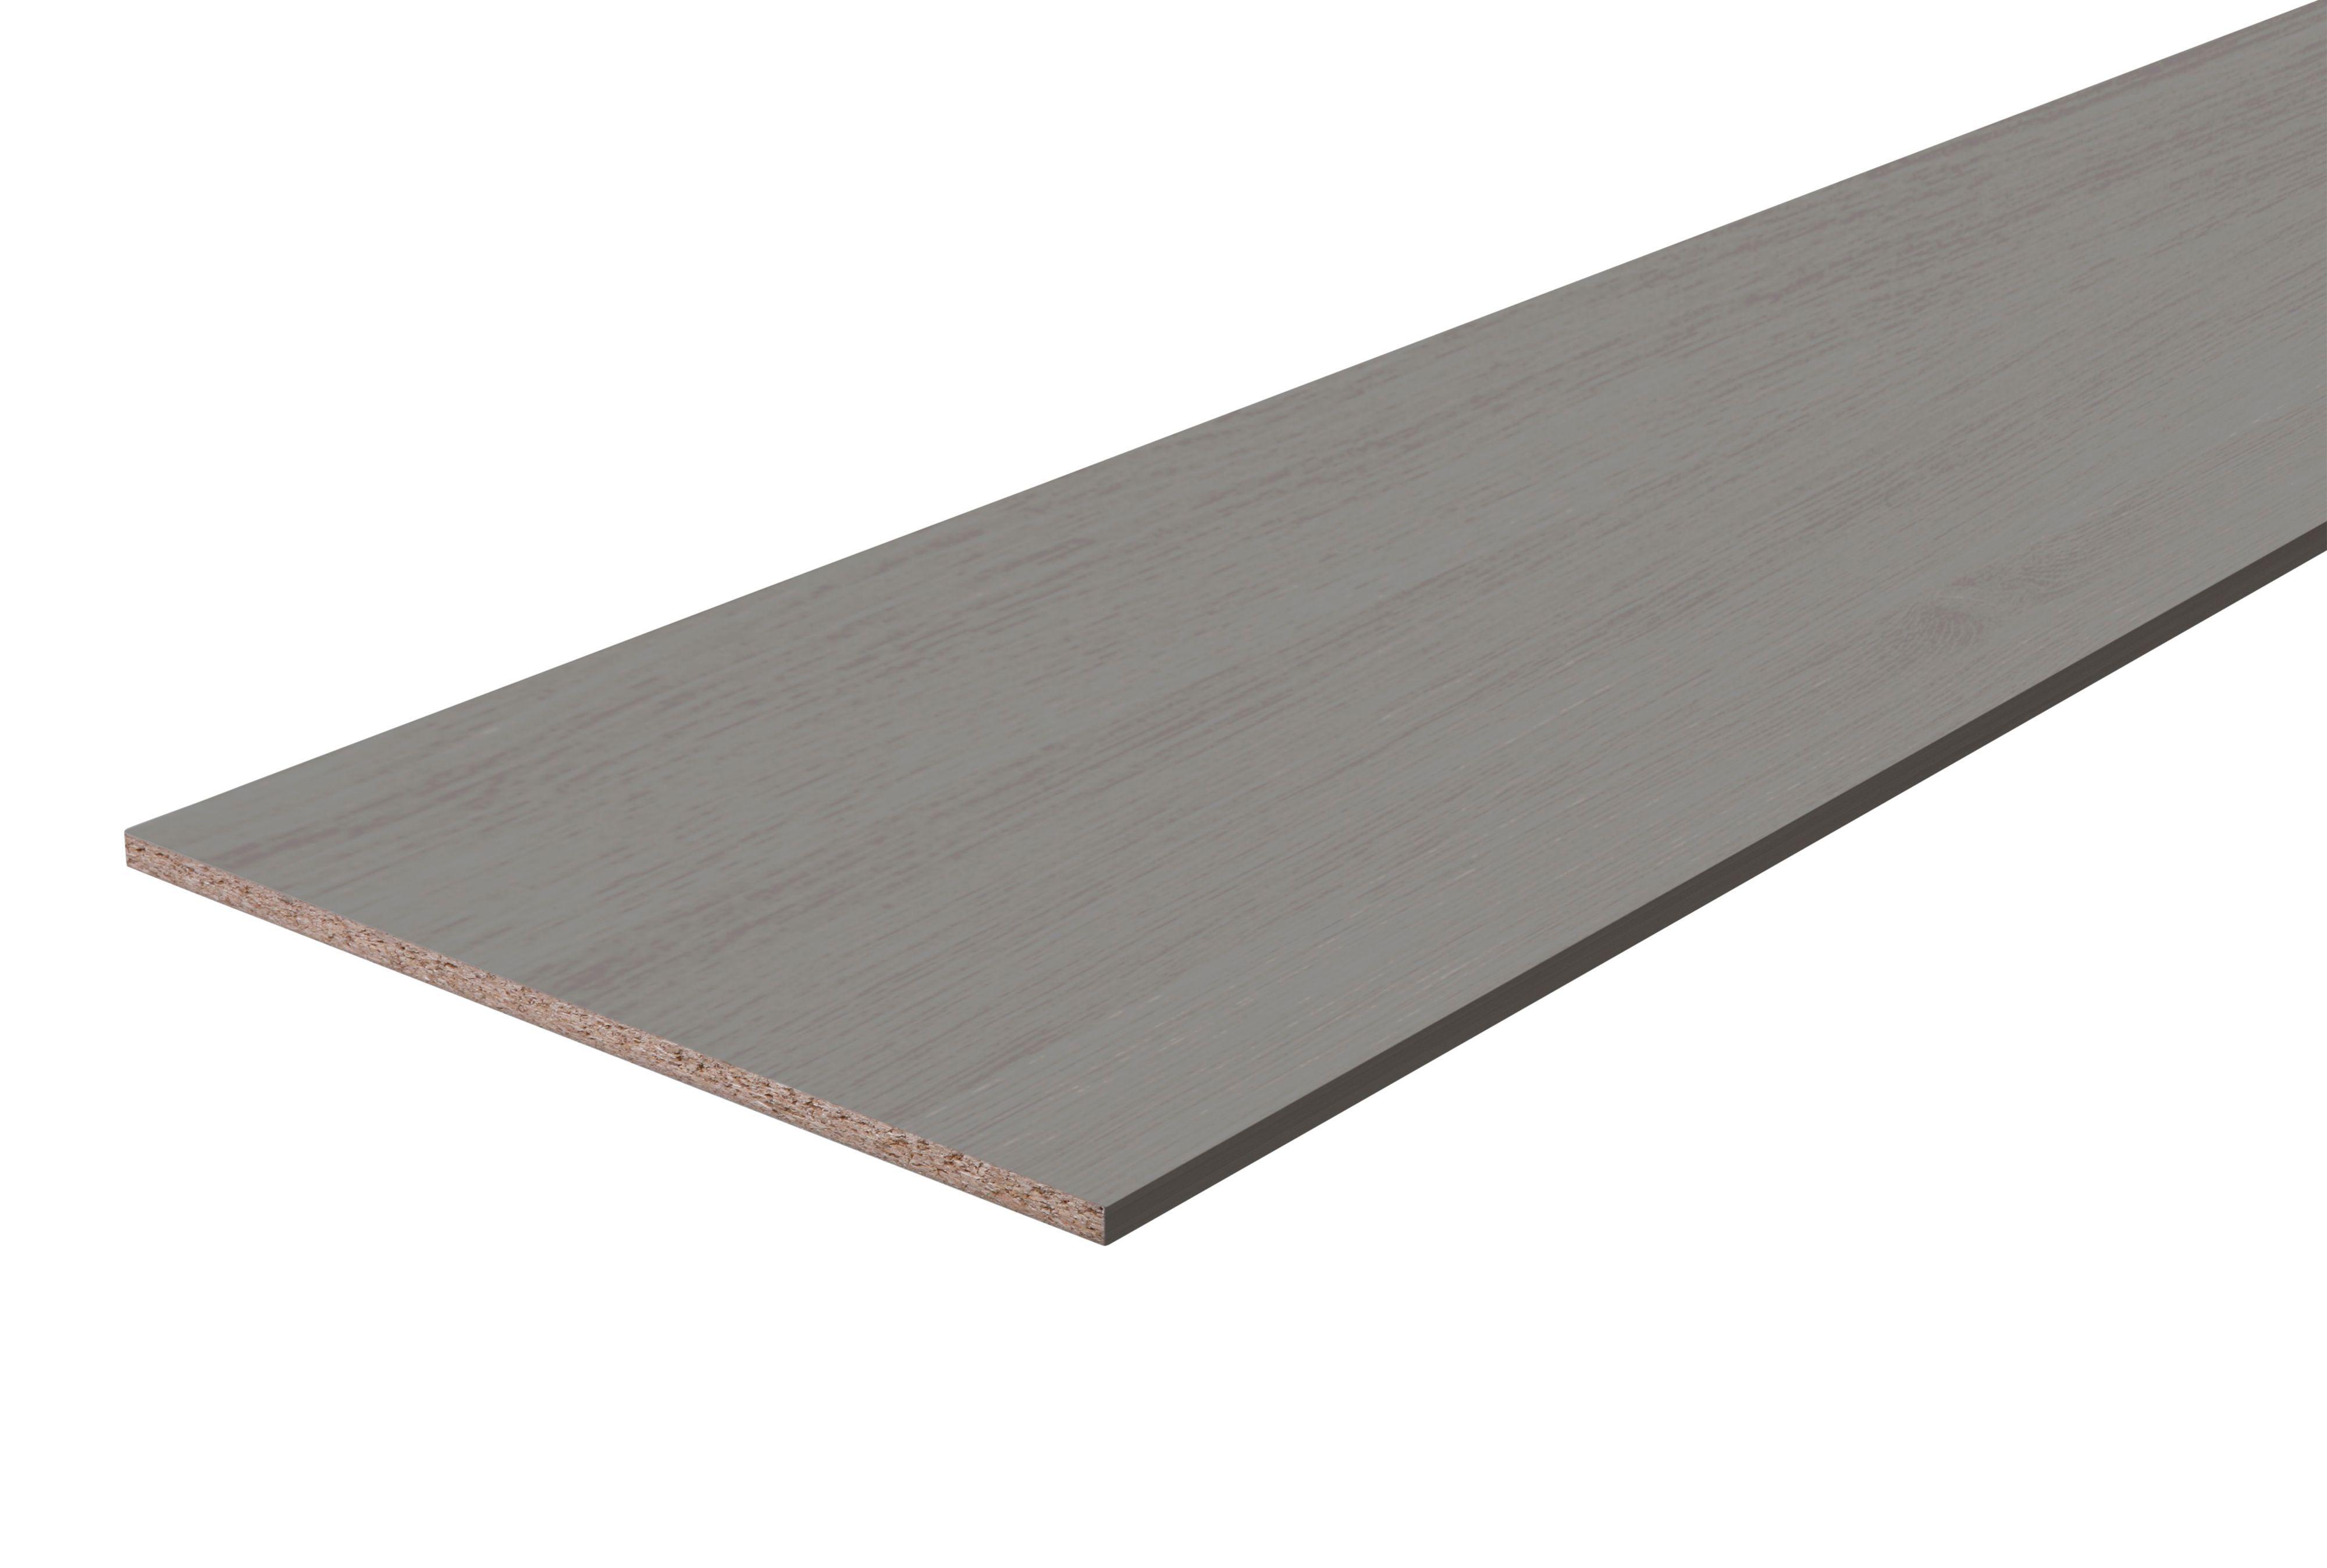 Furniture panel Grey (L)2500mm (W)200mm (T)18mm